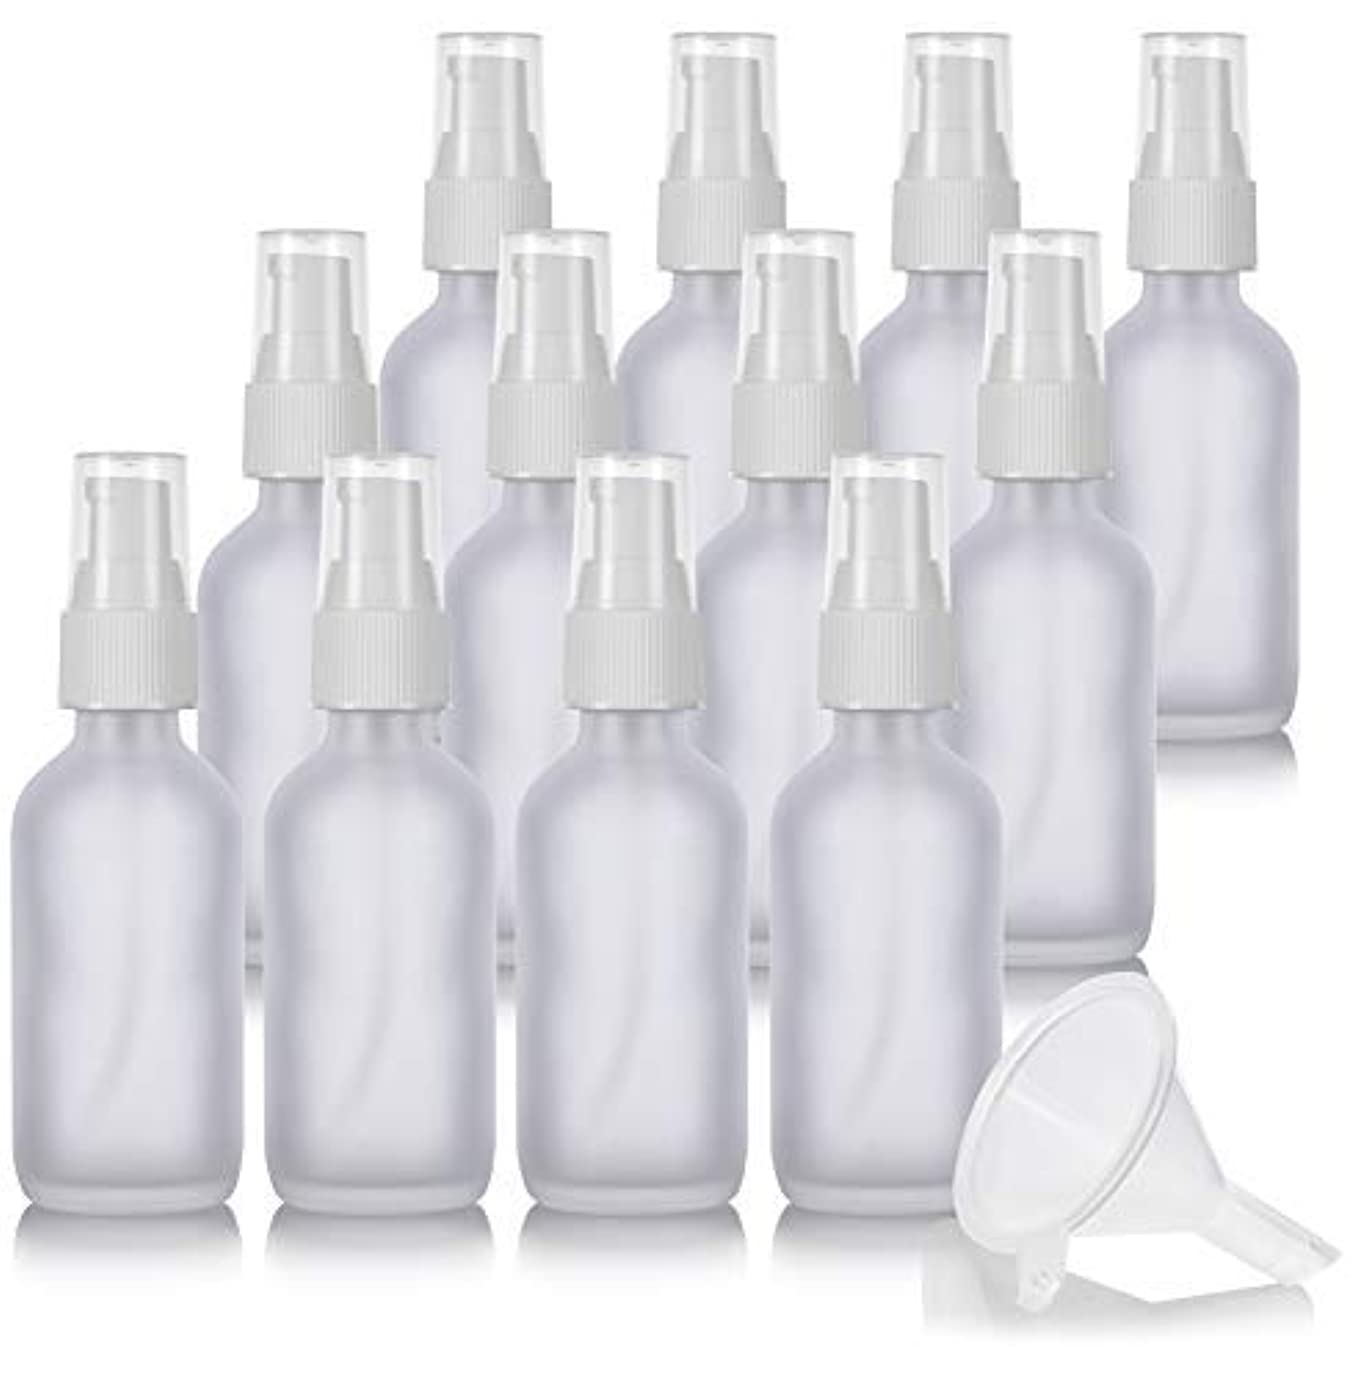 興味ネックレット共産主義2 oz Frosted Clear Glass Boston Round White Treatment Pump Bottle (12 Pack) + Funnel and Labels for Cosmetics,...